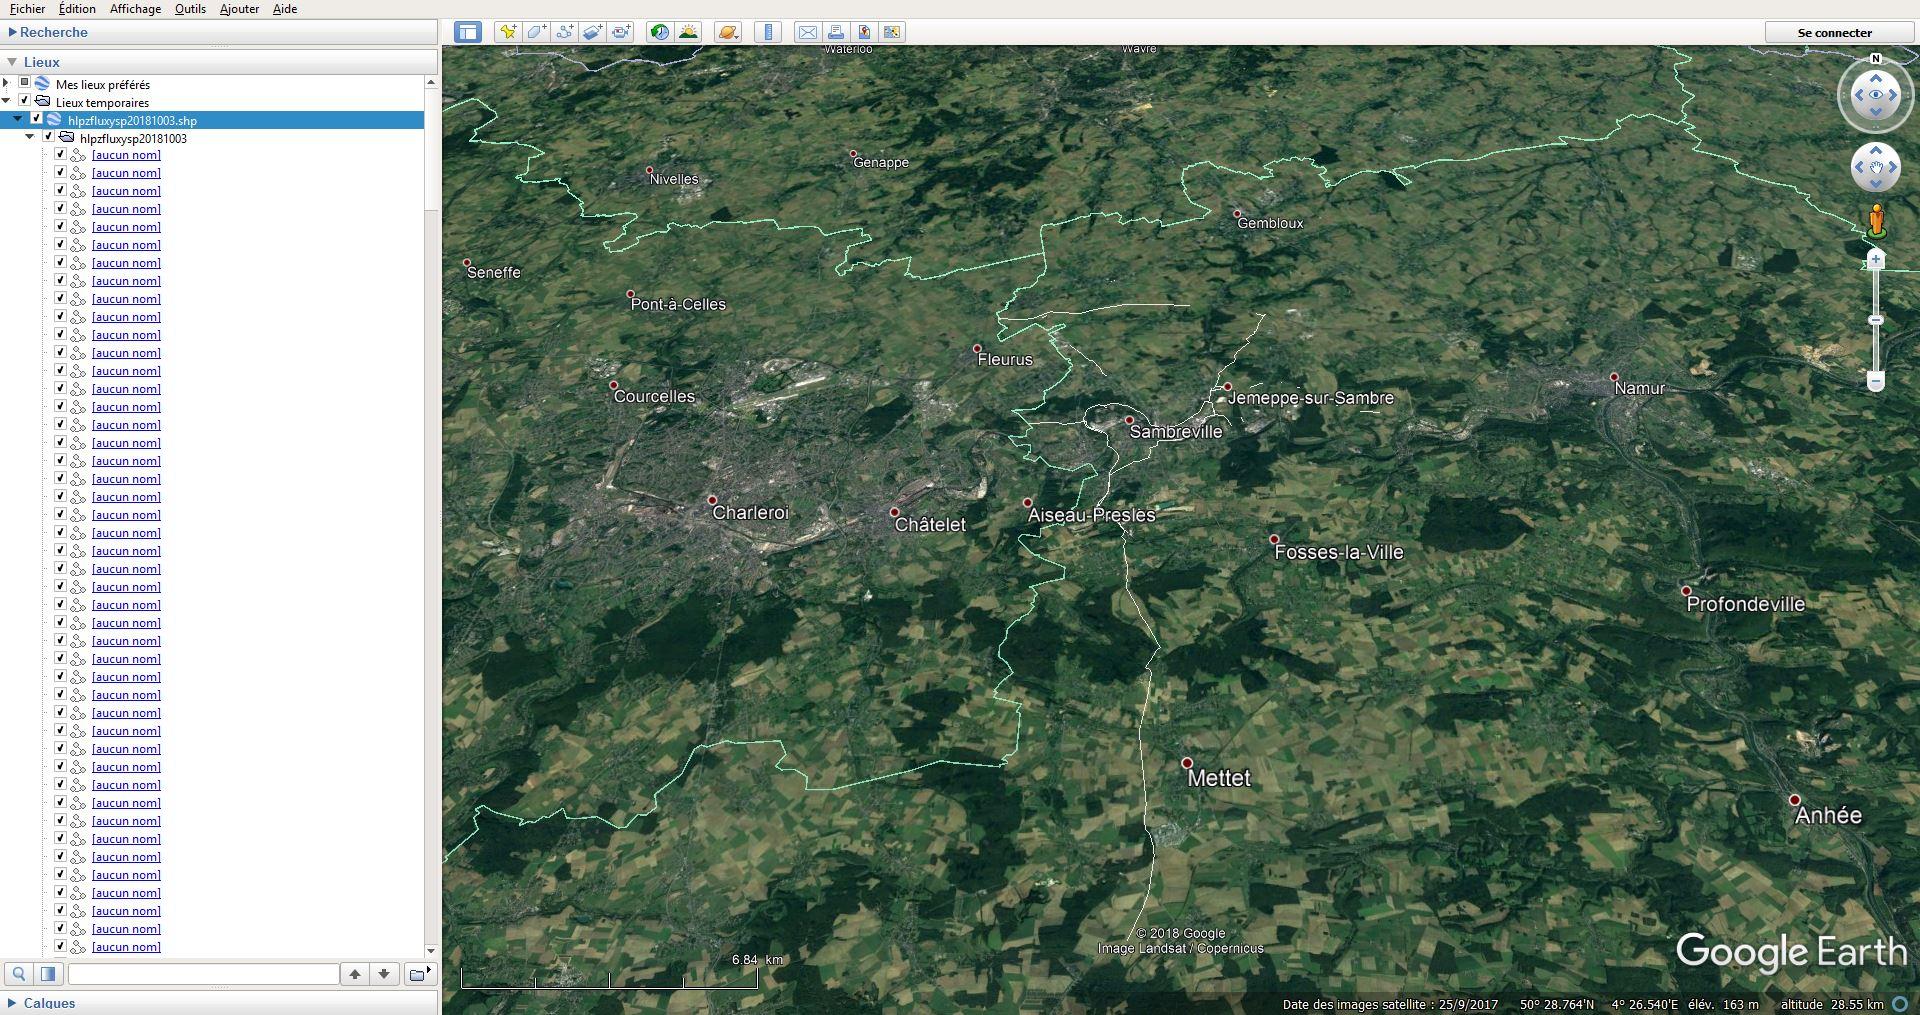 [résolu] Transformation pdf et autres formats en kml ou kmz de Google Earth - Page 2 Tsge_357